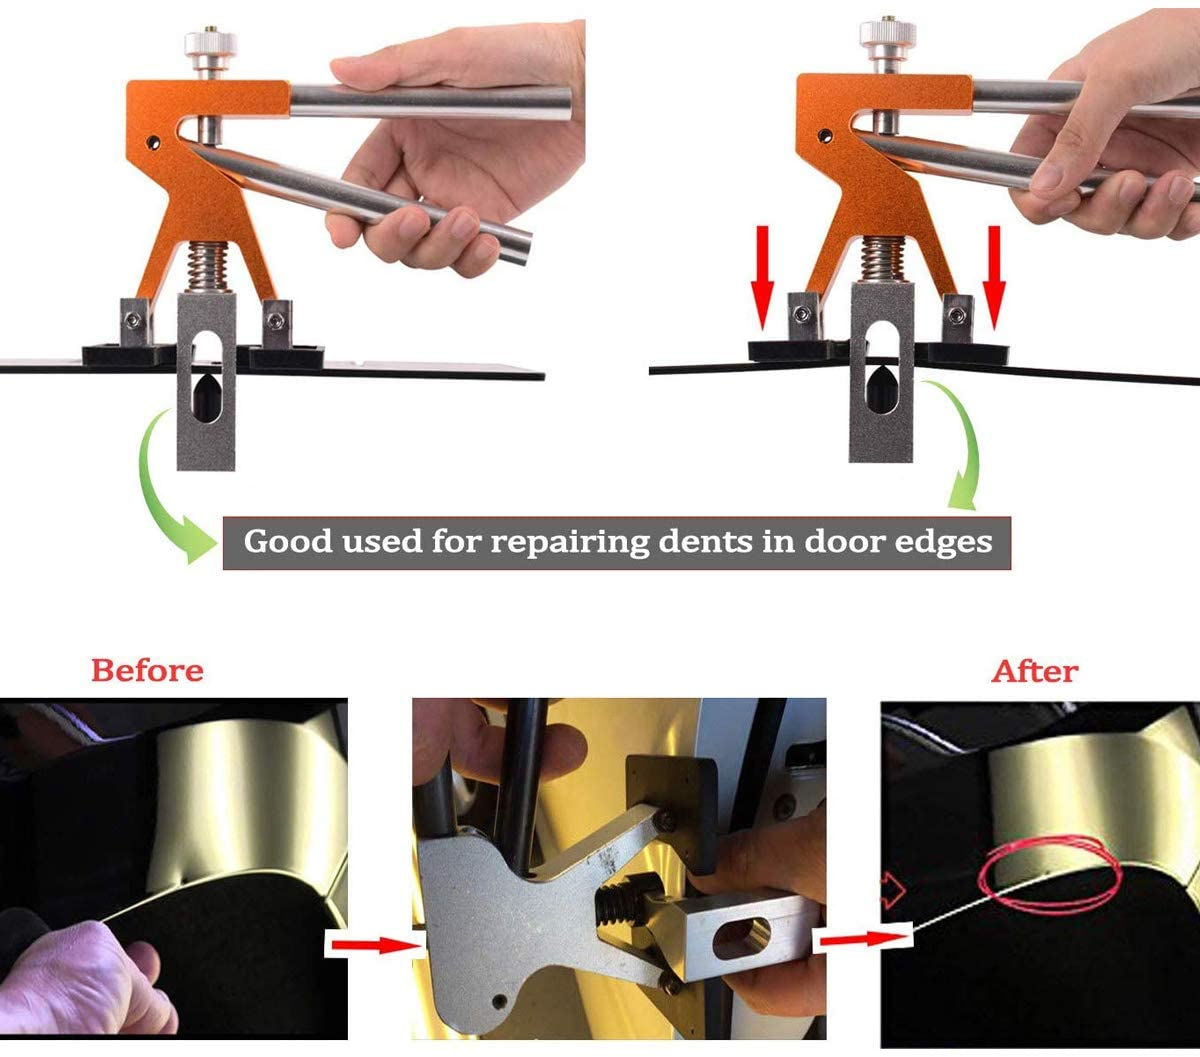 1Paintless Dent Repair Lifter Paintless Dent Repair Tools Kits for Car Door Dings Repair Removal Tools  - buy with discount